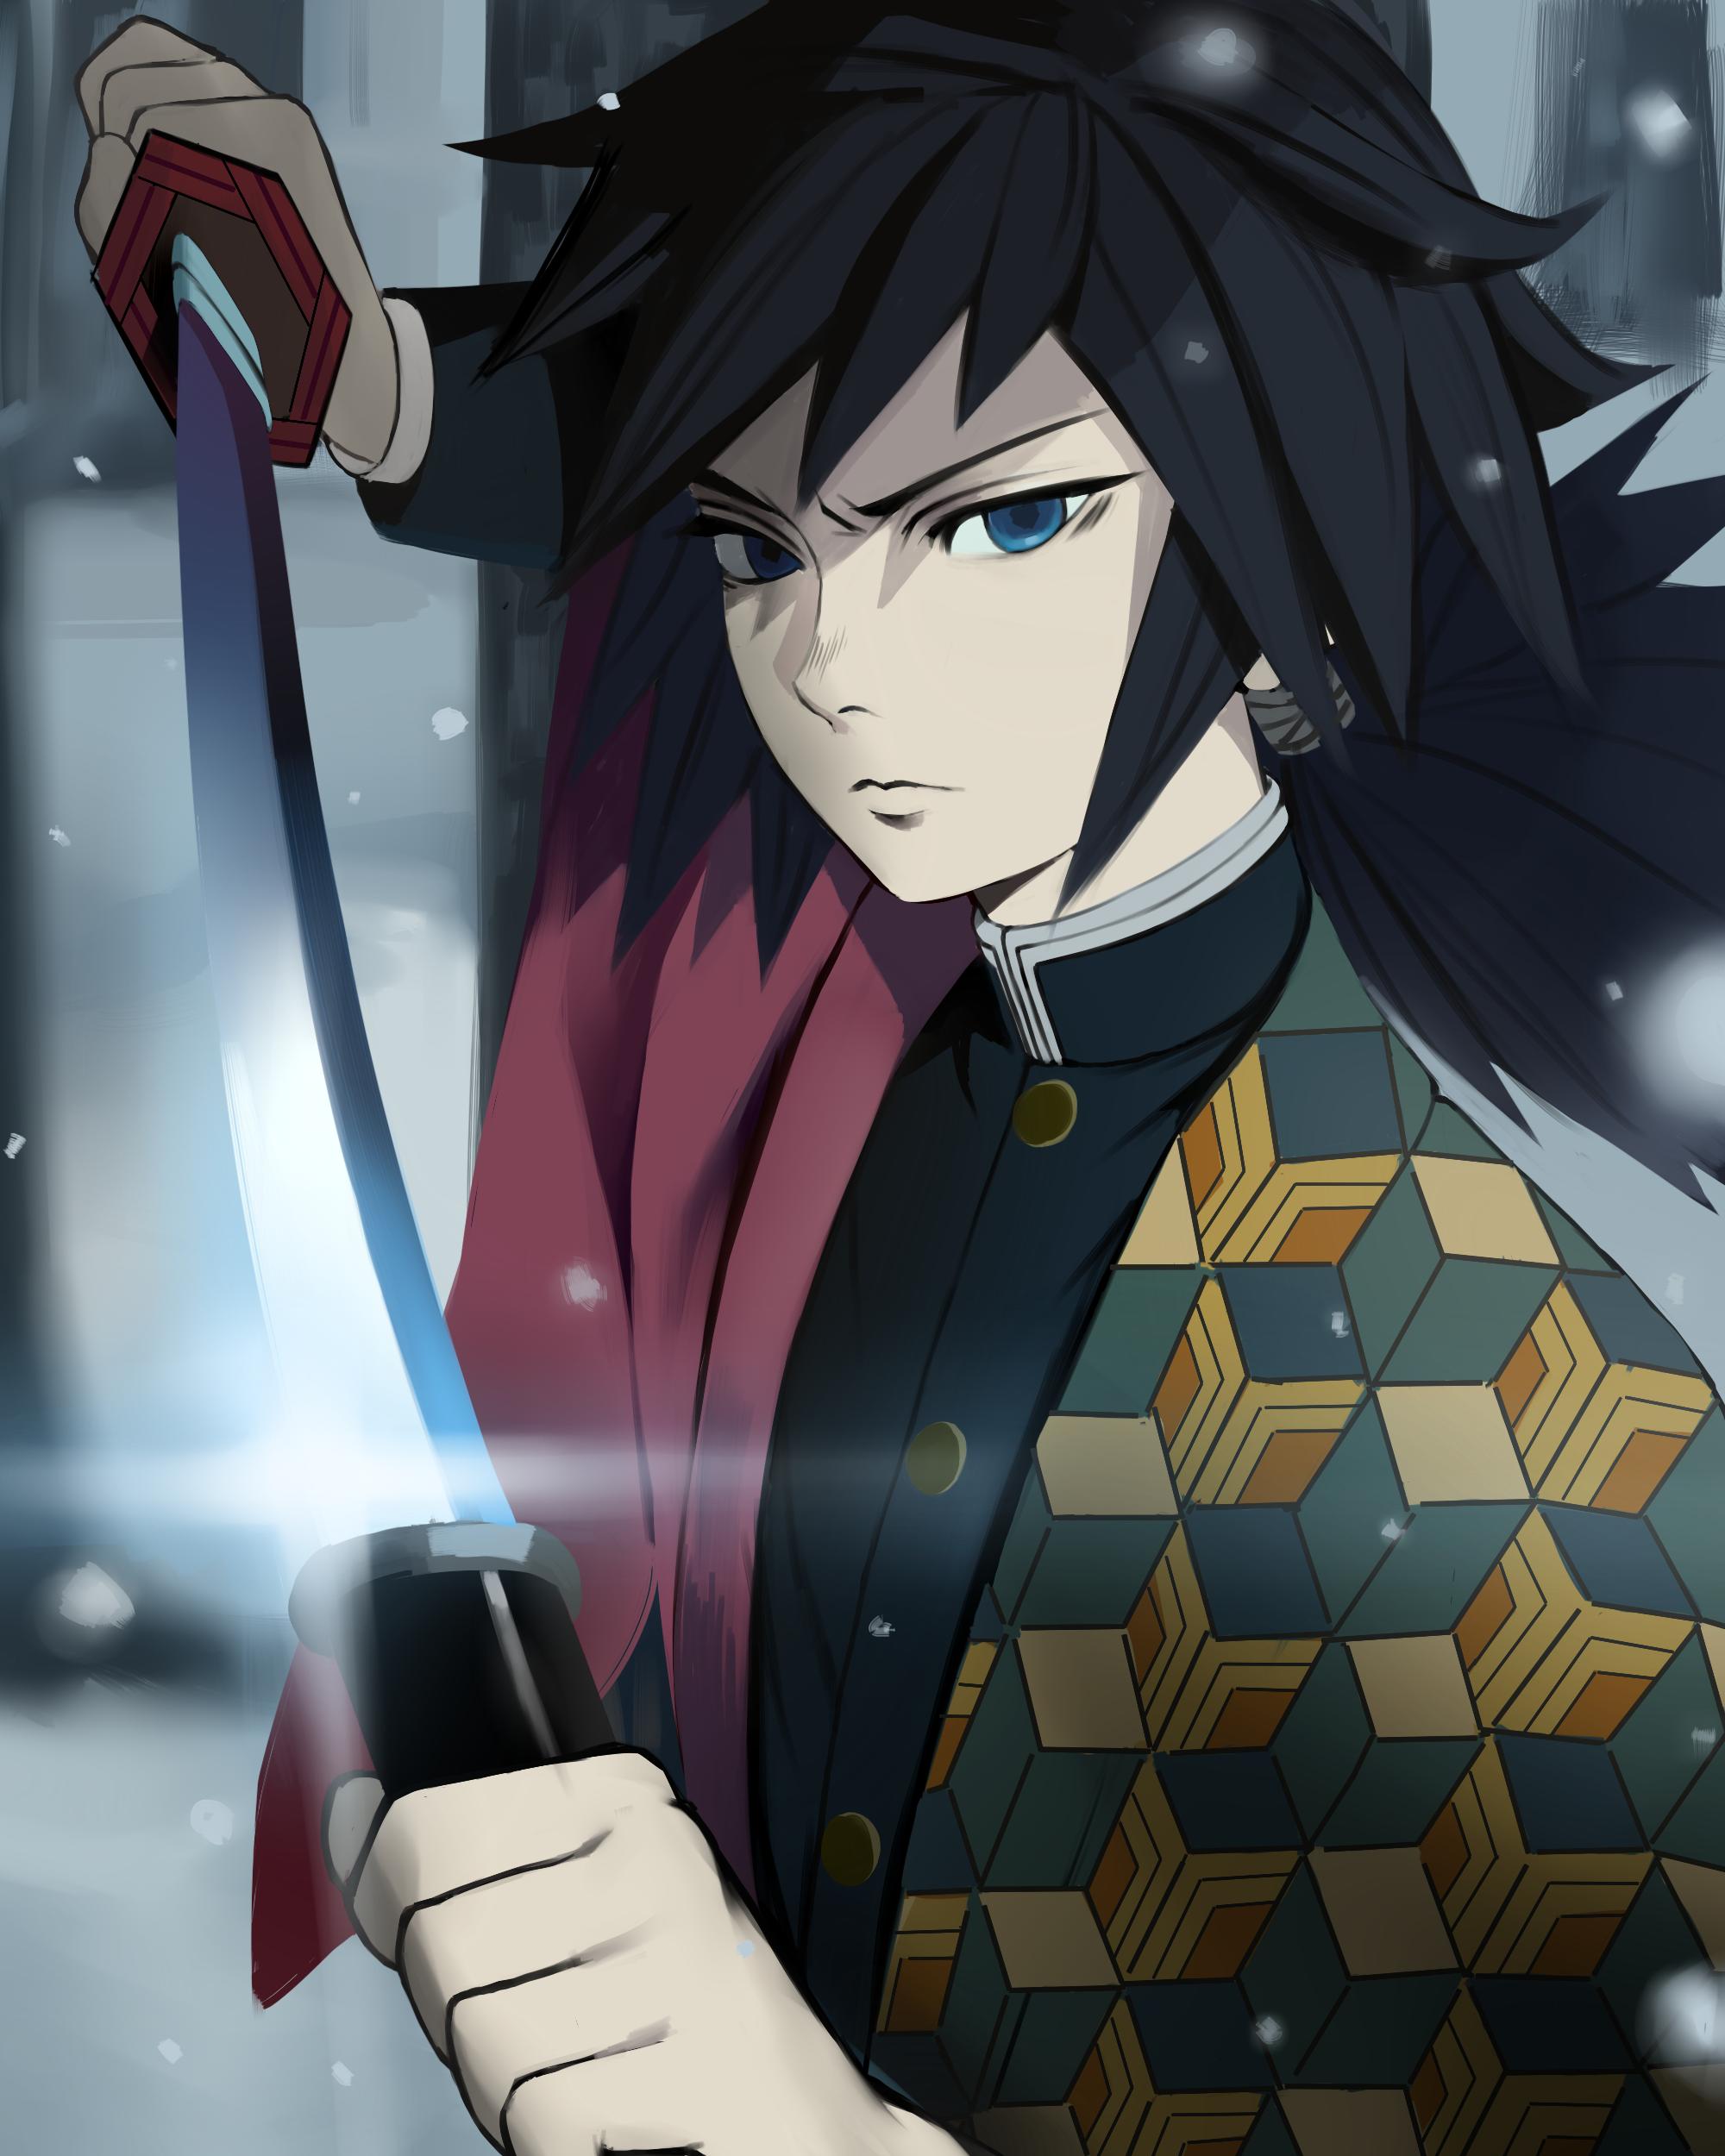 Tomioka Giyu - Hot anime guys 2020